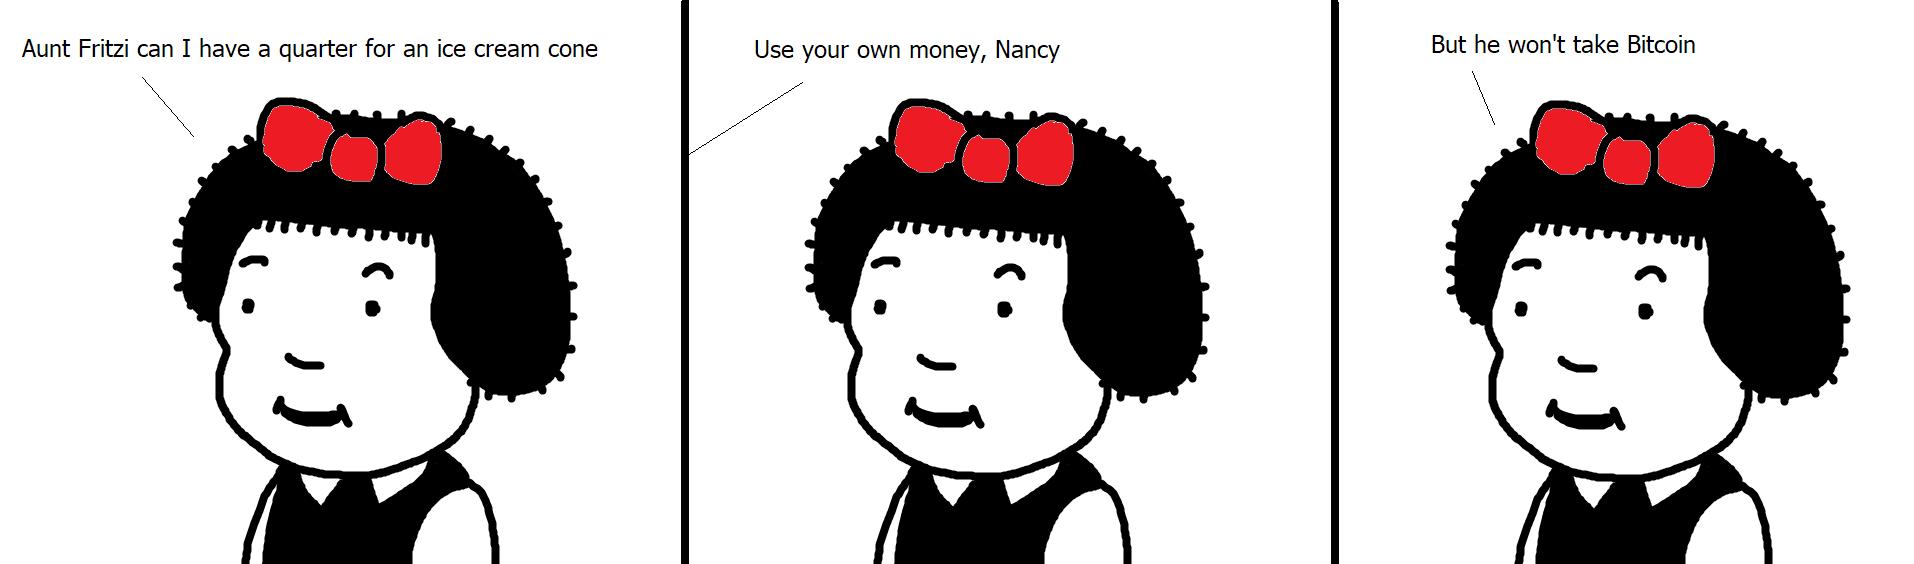 380. Nancy